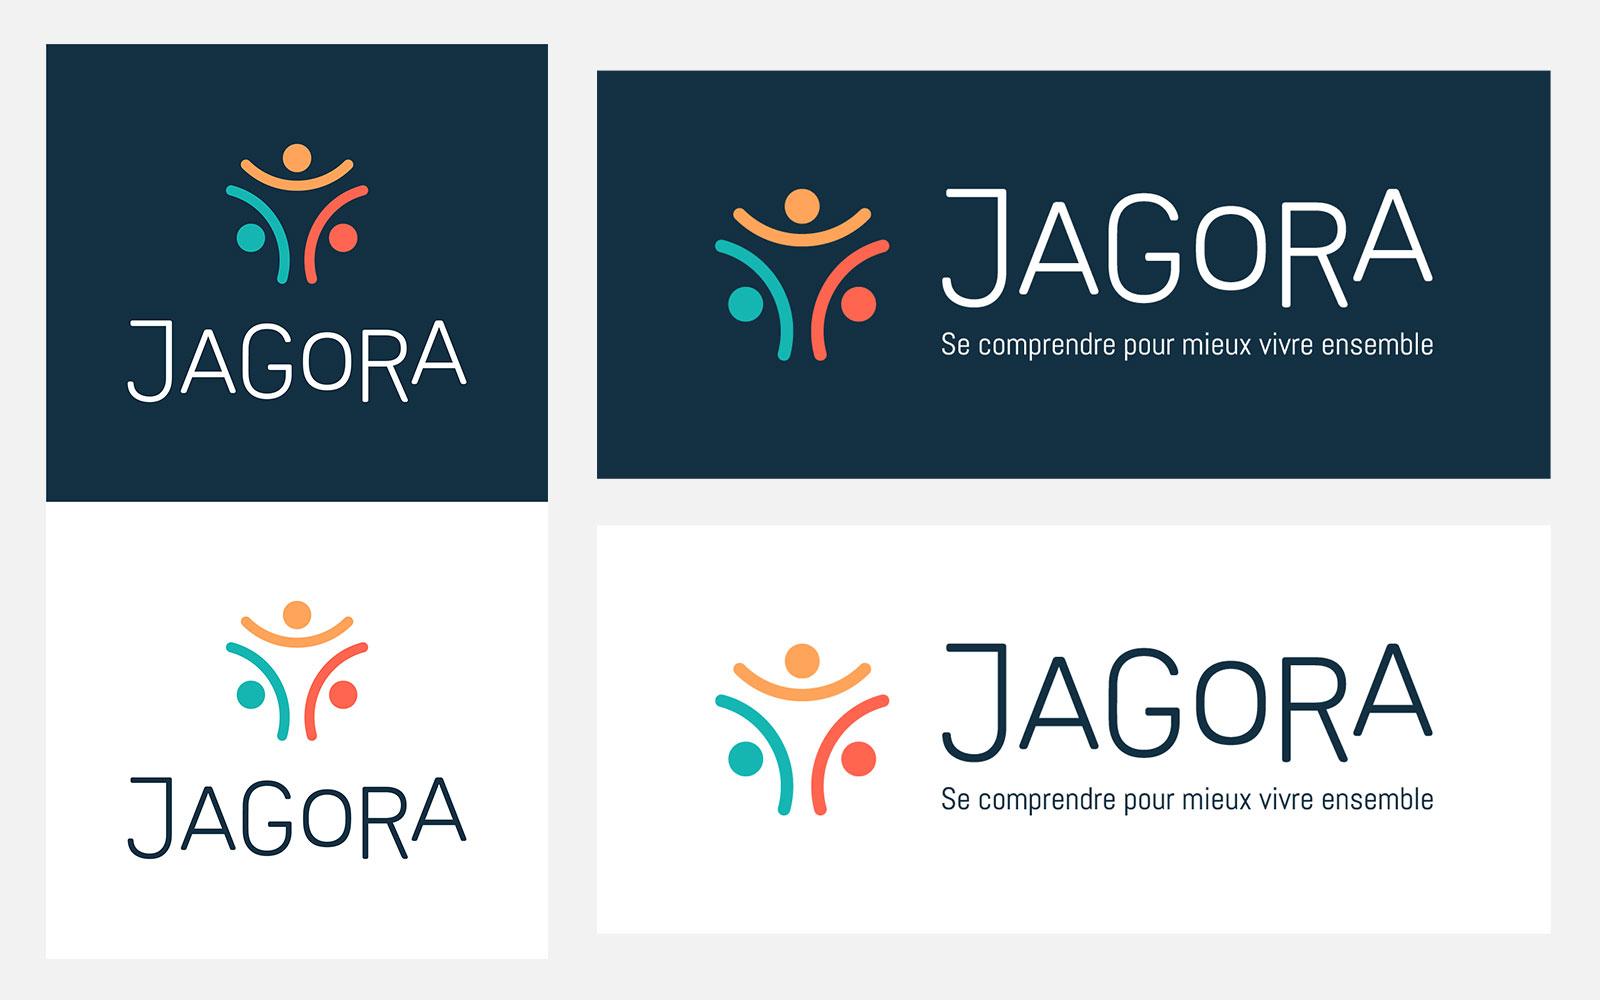 bl-graphics - jagora - logos